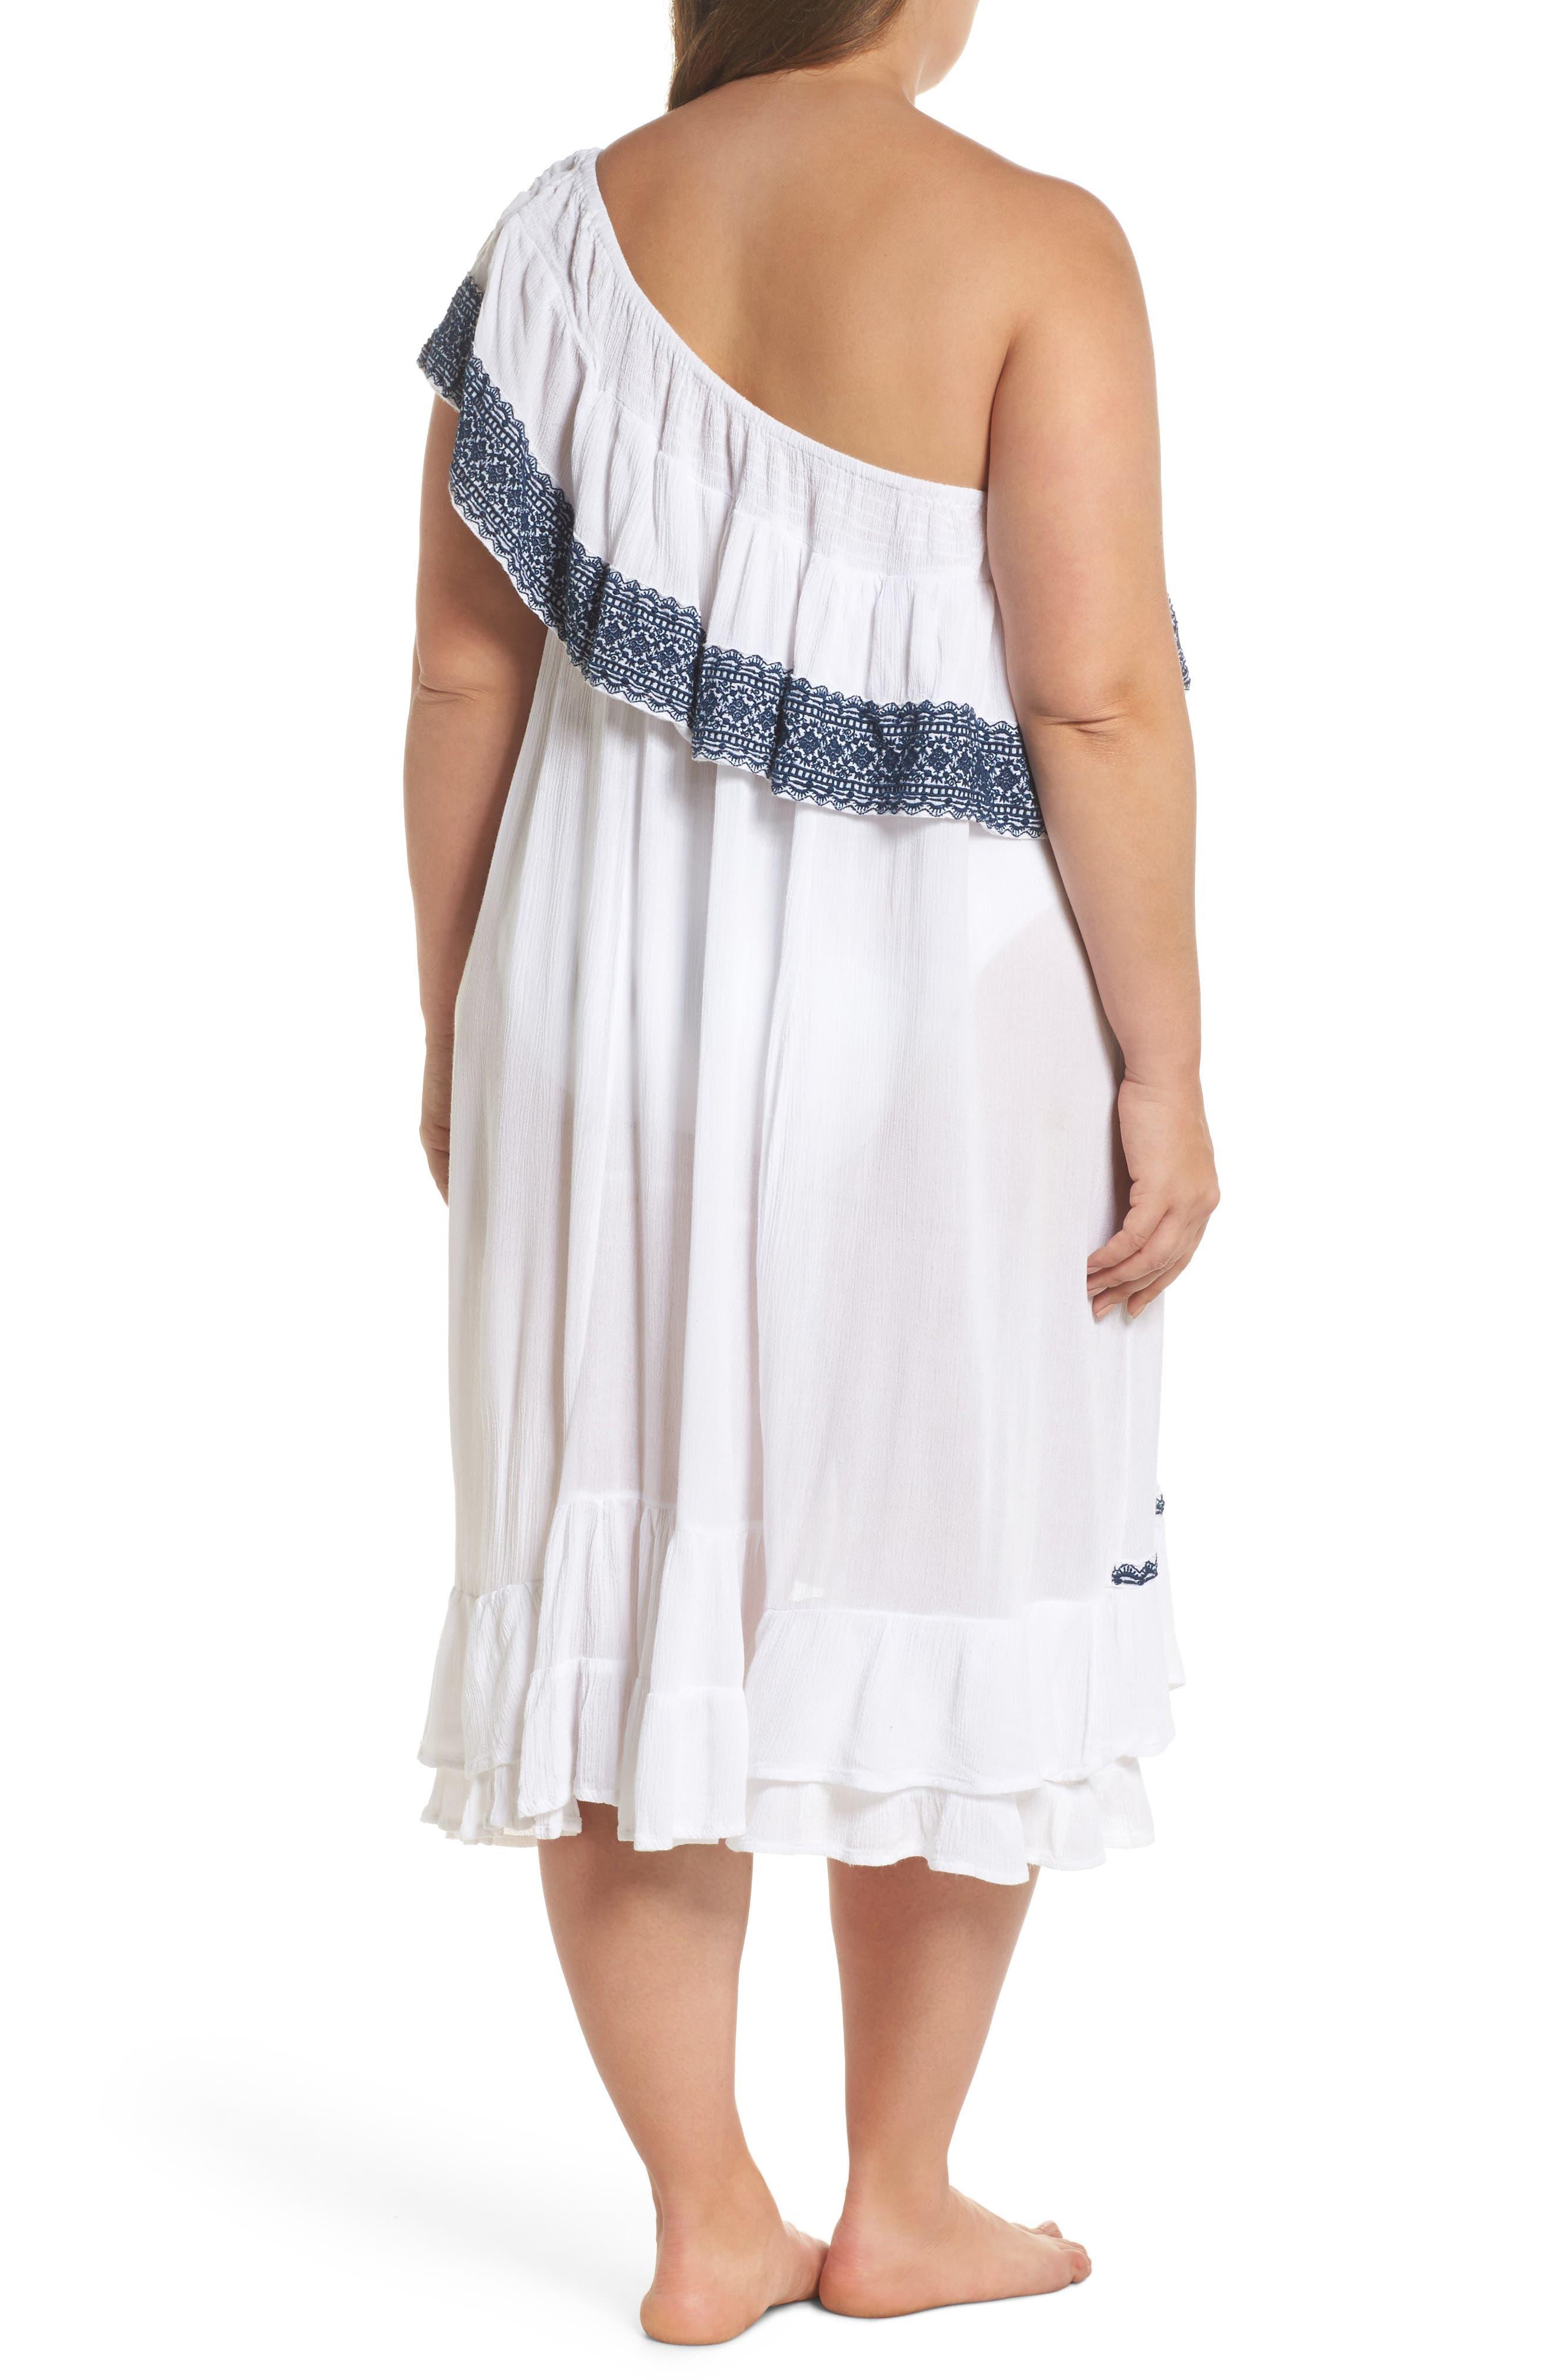 Gavin One-Shoulder Cover-Up Dress,                             Alternate thumbnail 2, color,                             White/ Navy